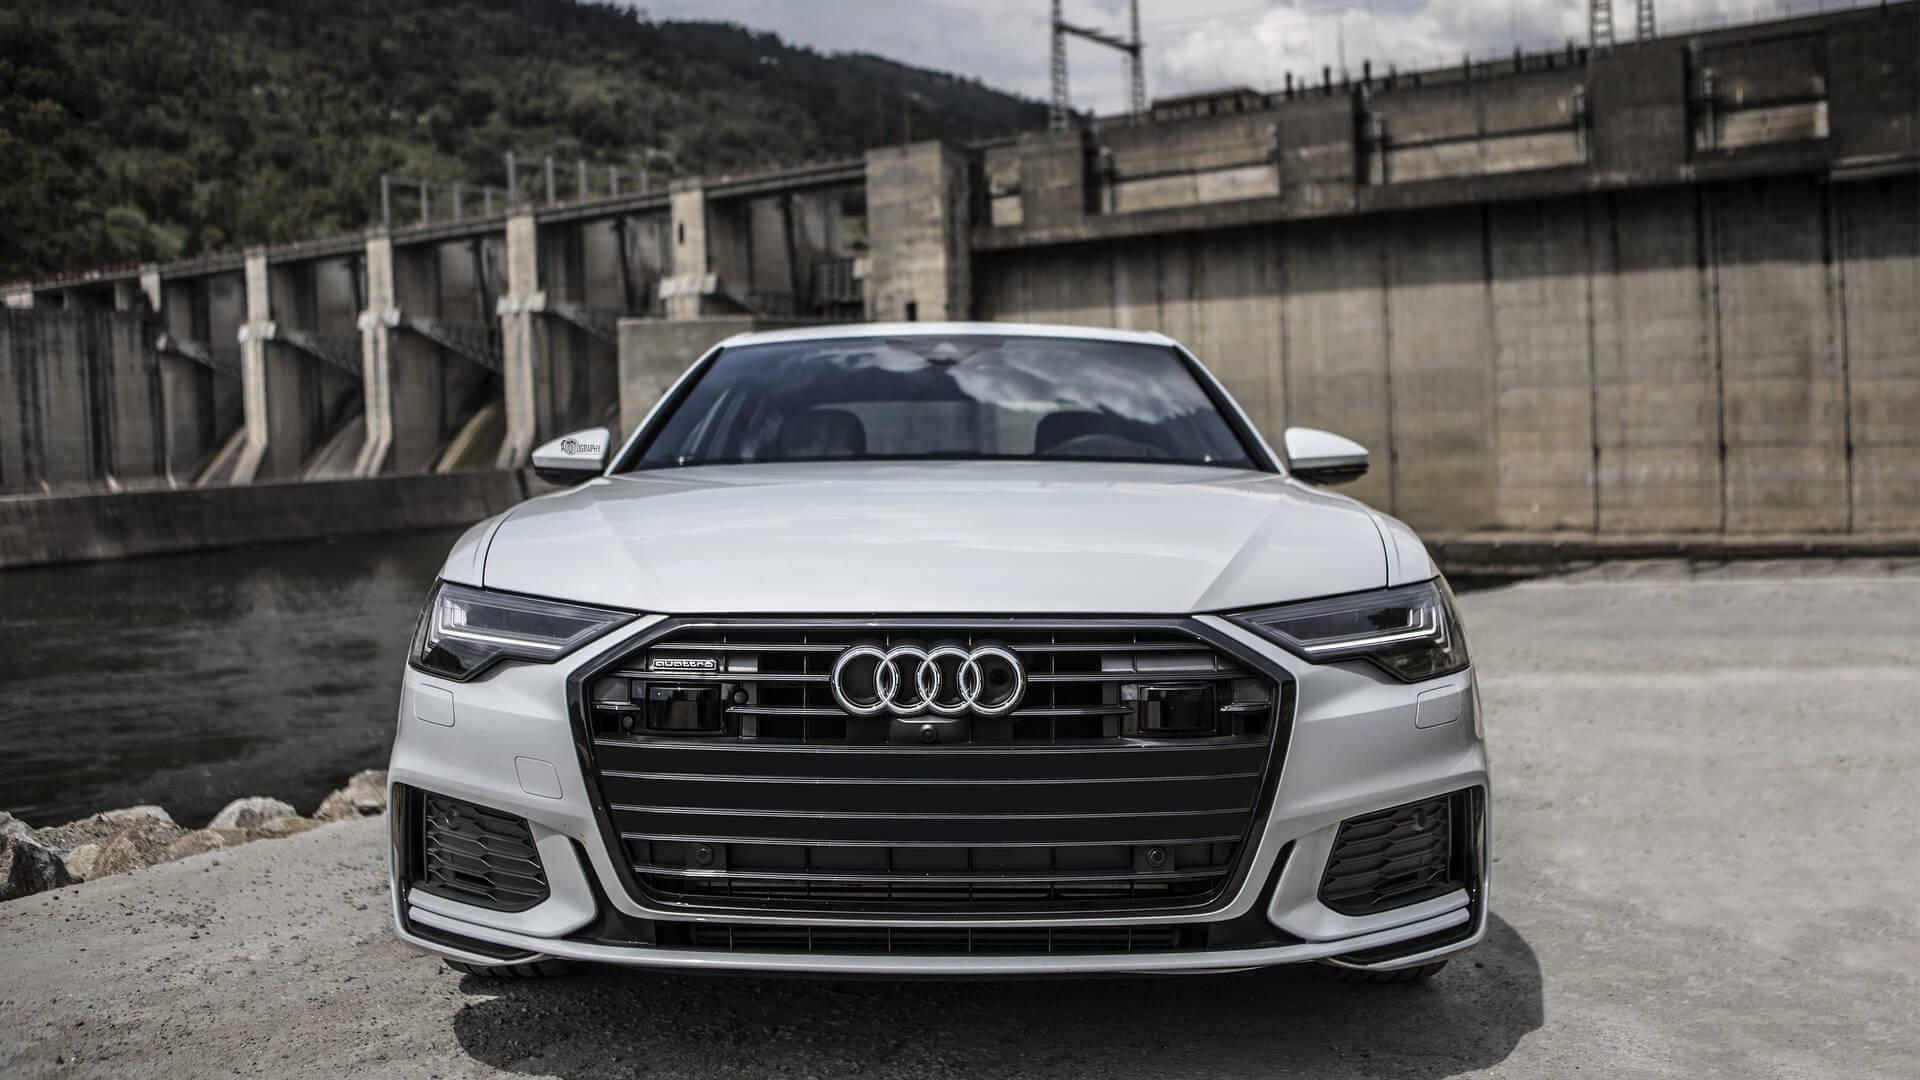 Kelebihan Kekurangan Audi A6 Quattro 2019 Murah Berkualitas